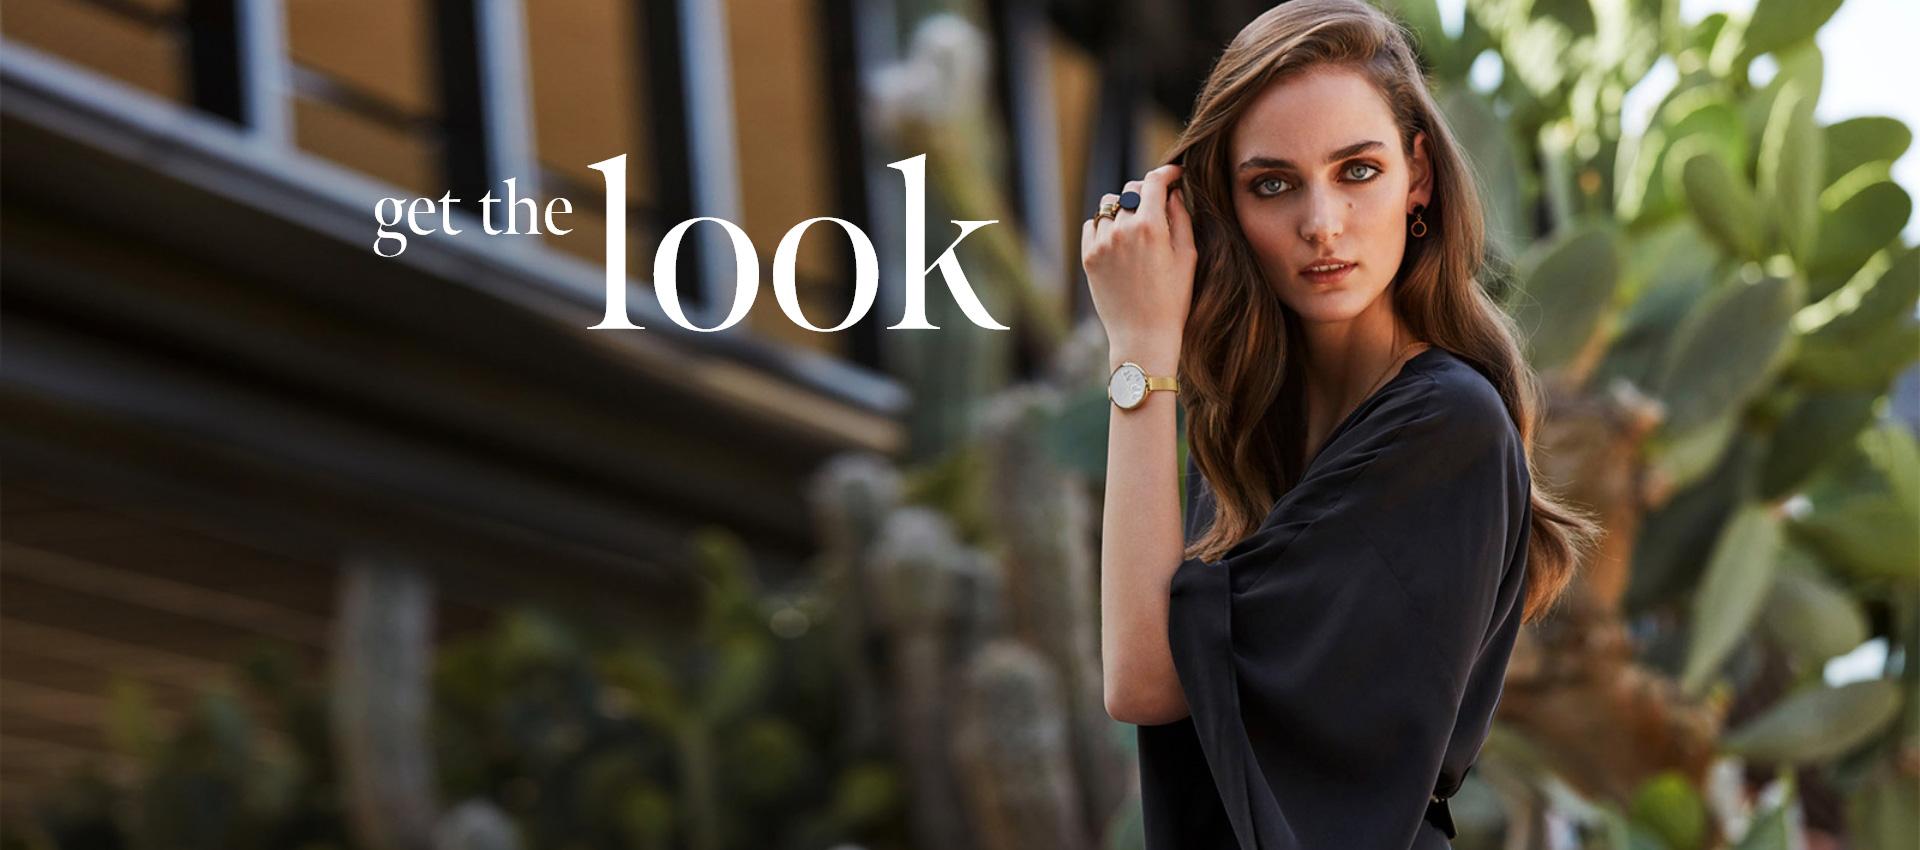 Julia bijoch - Get the look